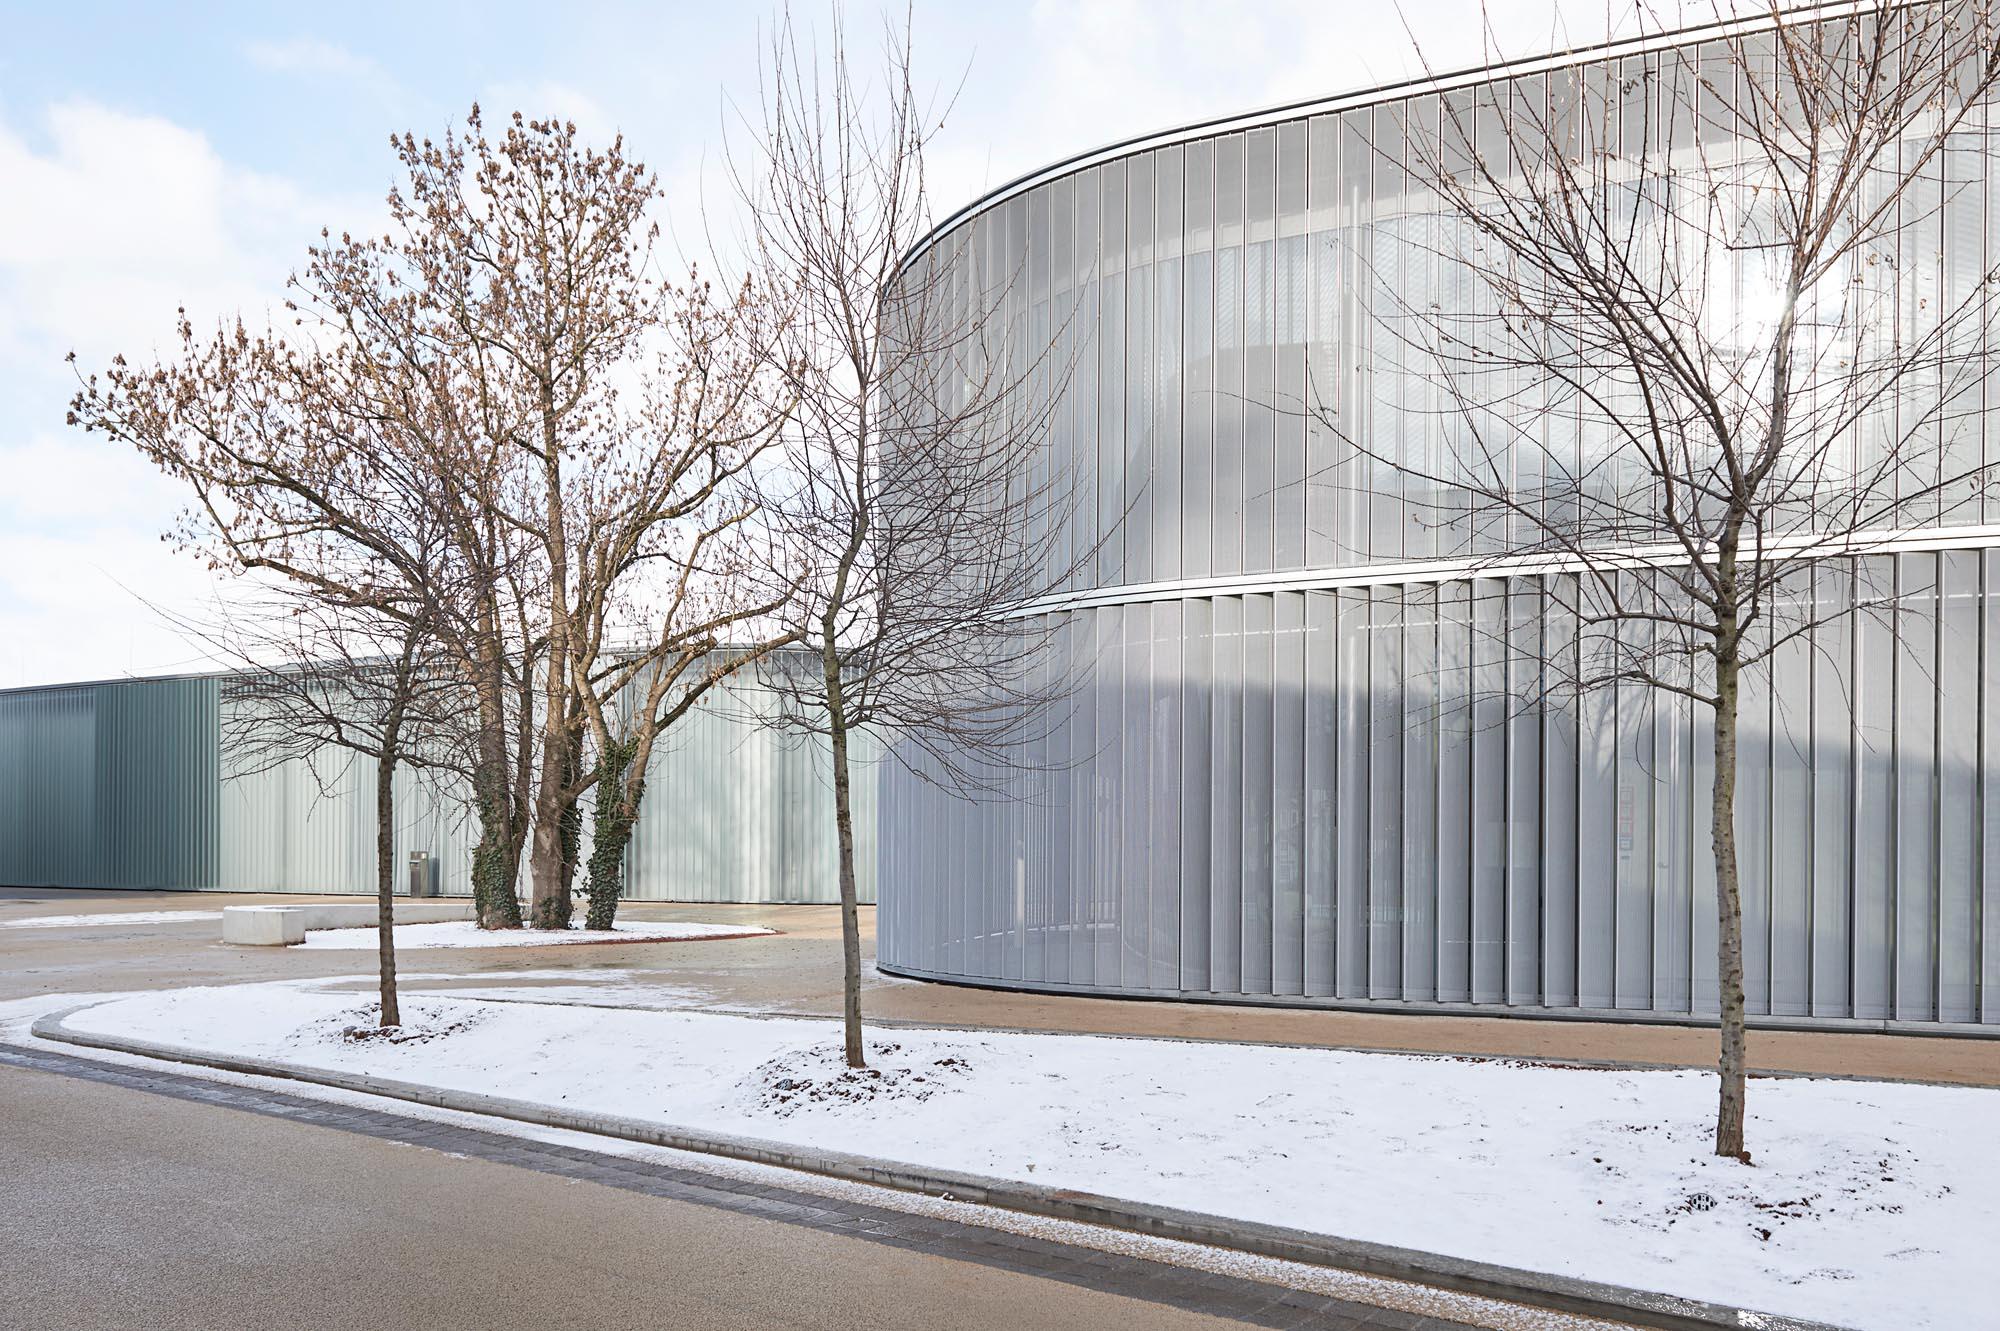 OPC 160117 0180 1 - Galerie Stihl Waiblingen: Außenansichten aus sechs Perspektiven und vier Jahreszeiten